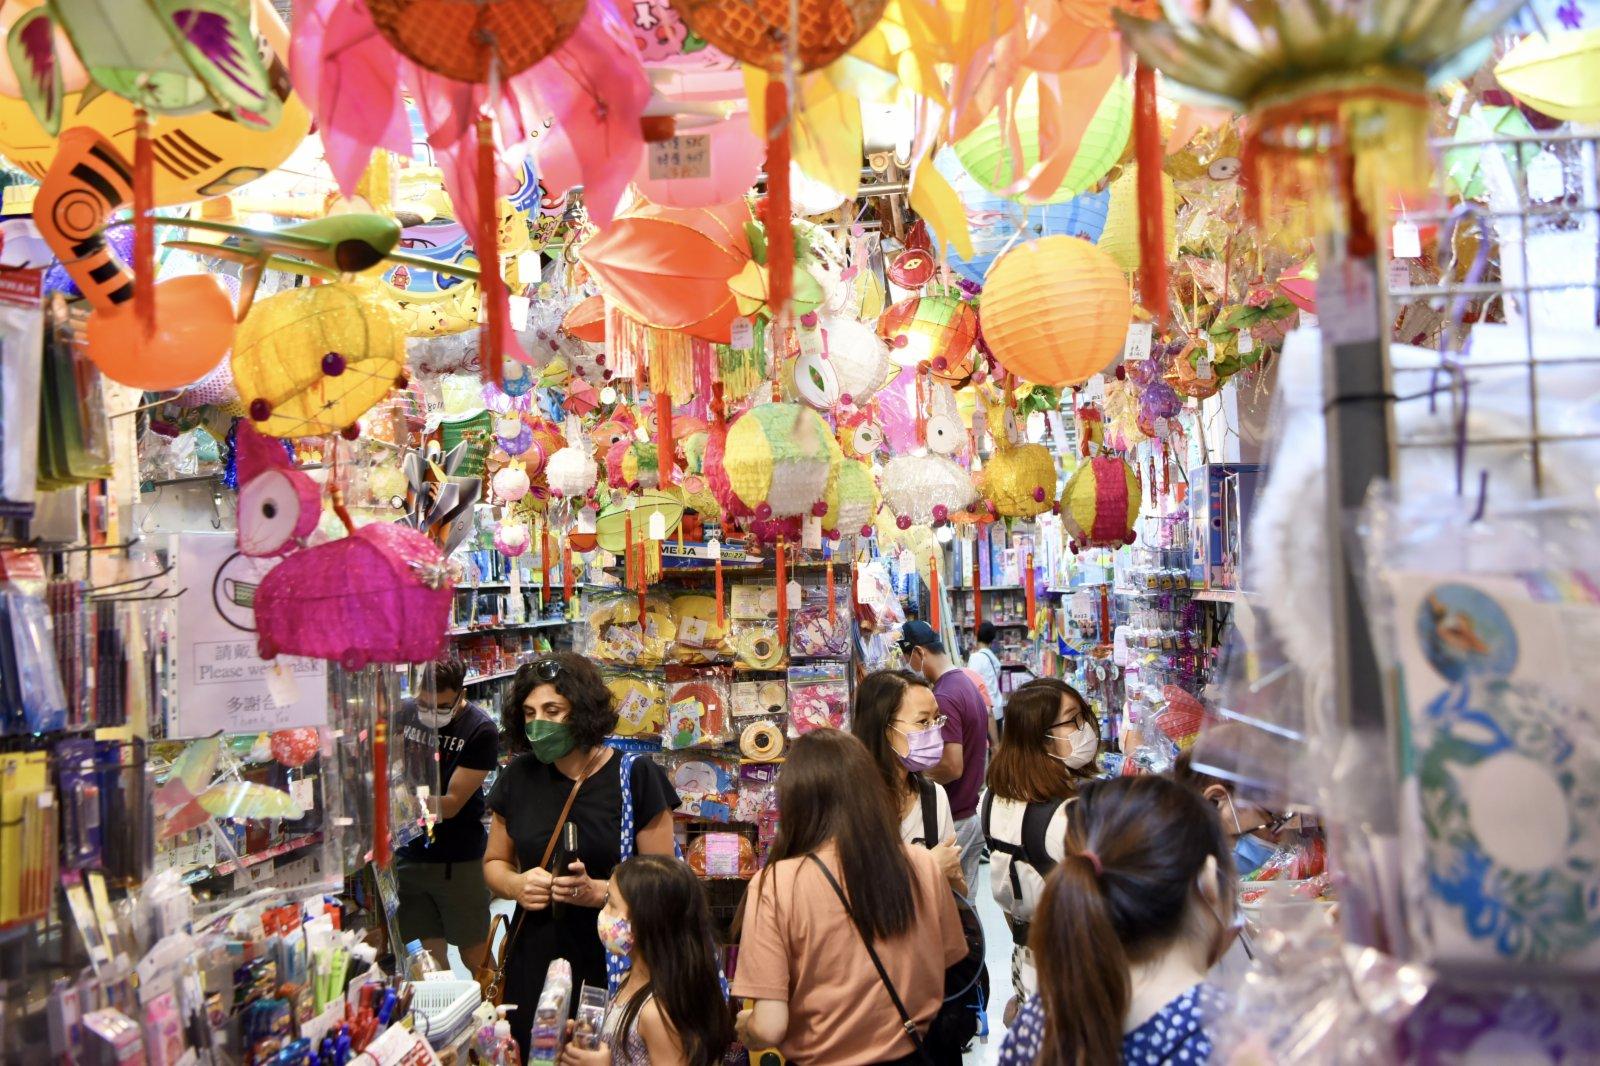 中秋將至,不少商鋪已掛起琳瑯滿目的燈籠,市民於周末空閒前來選購心儀的花燈。(中新社)